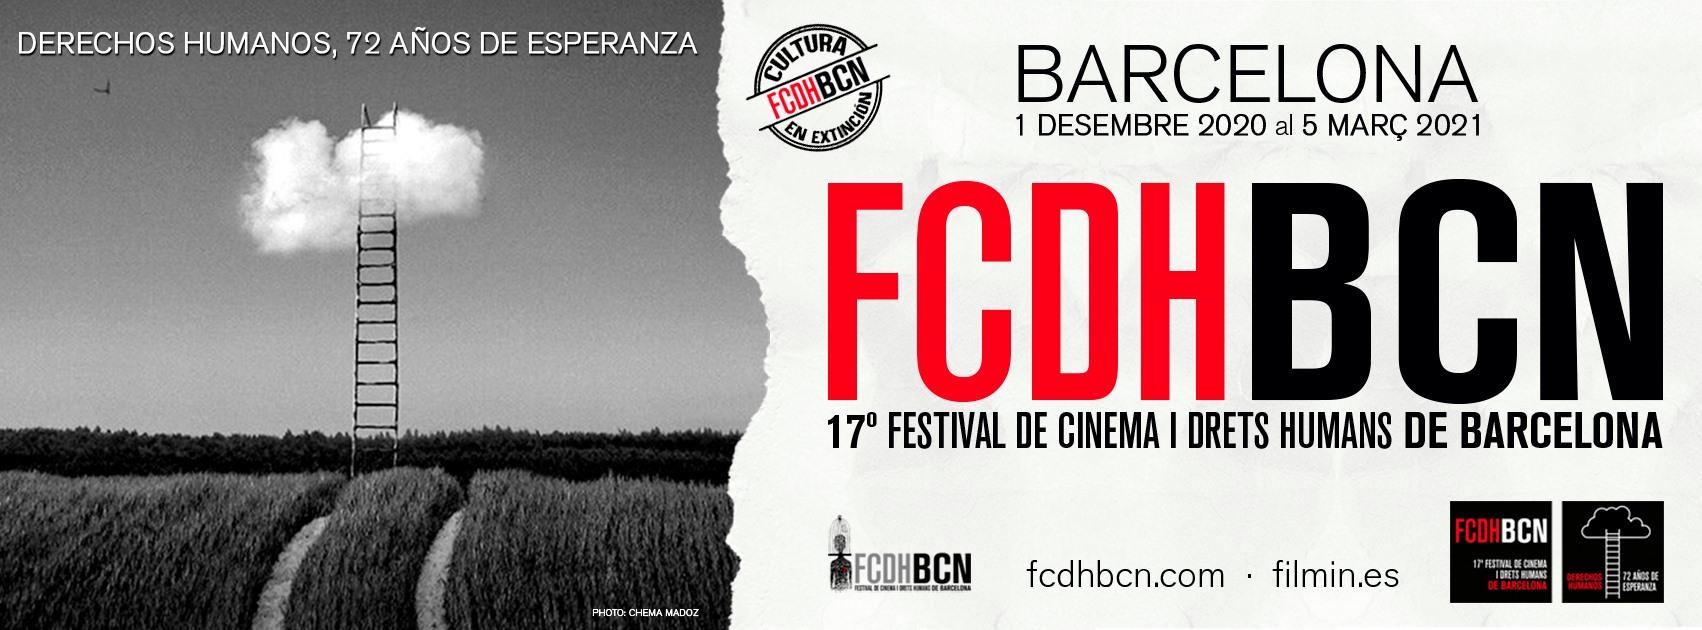 'Mairin nani', en el Festival de Cine y Derecho Humanos de Barcelona